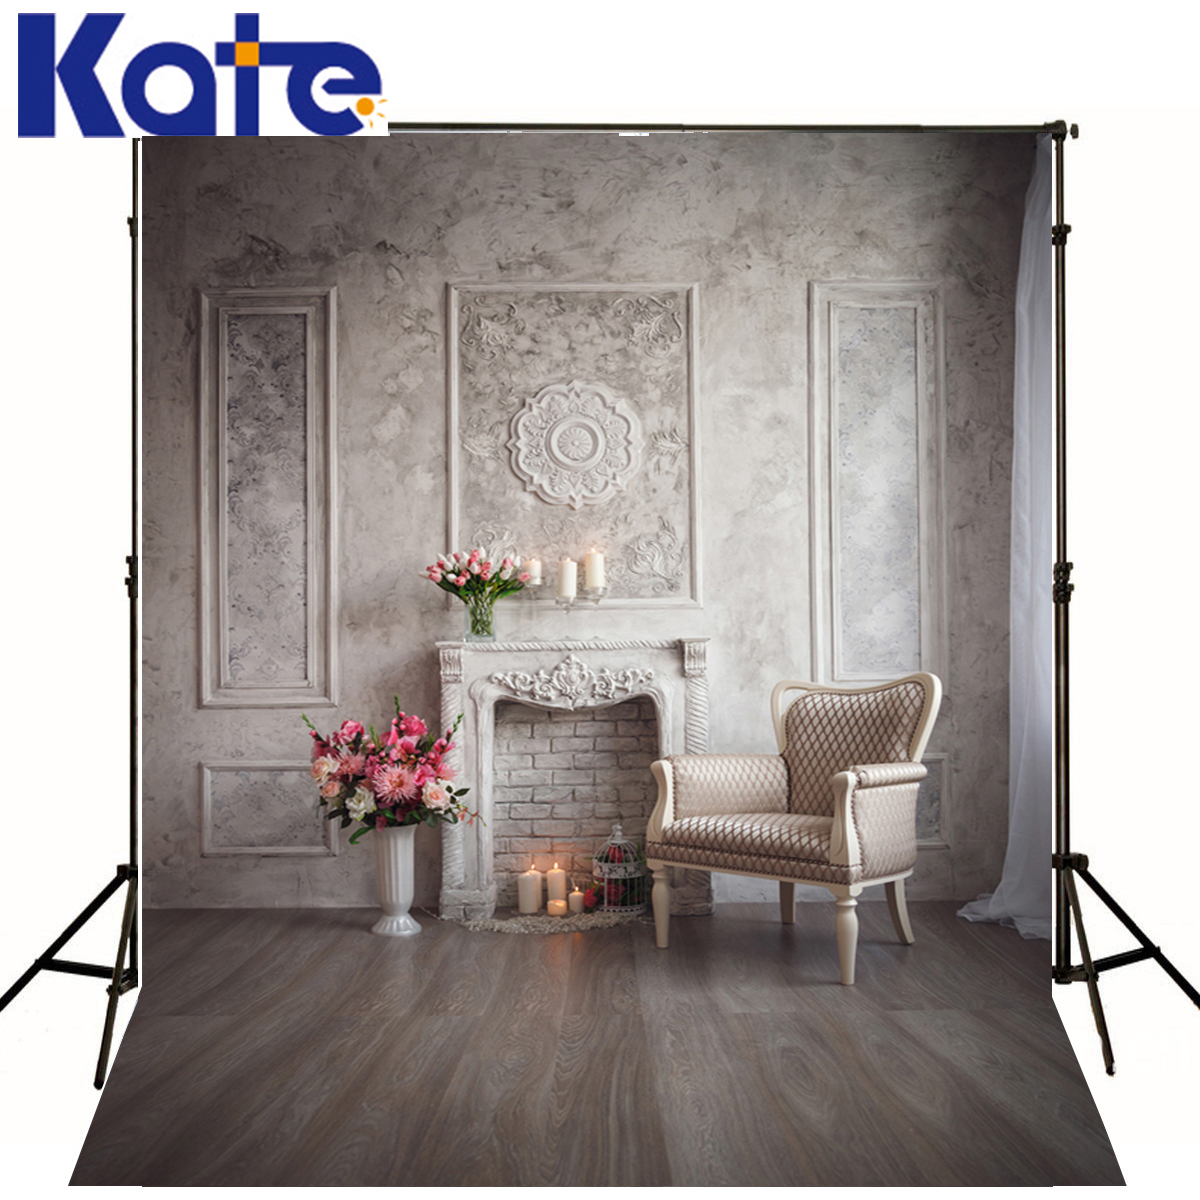 KATE famille fond photo blanc mur chaise enfants photographie fonds rose fleurs fenêtre fond enfant Photo Studio